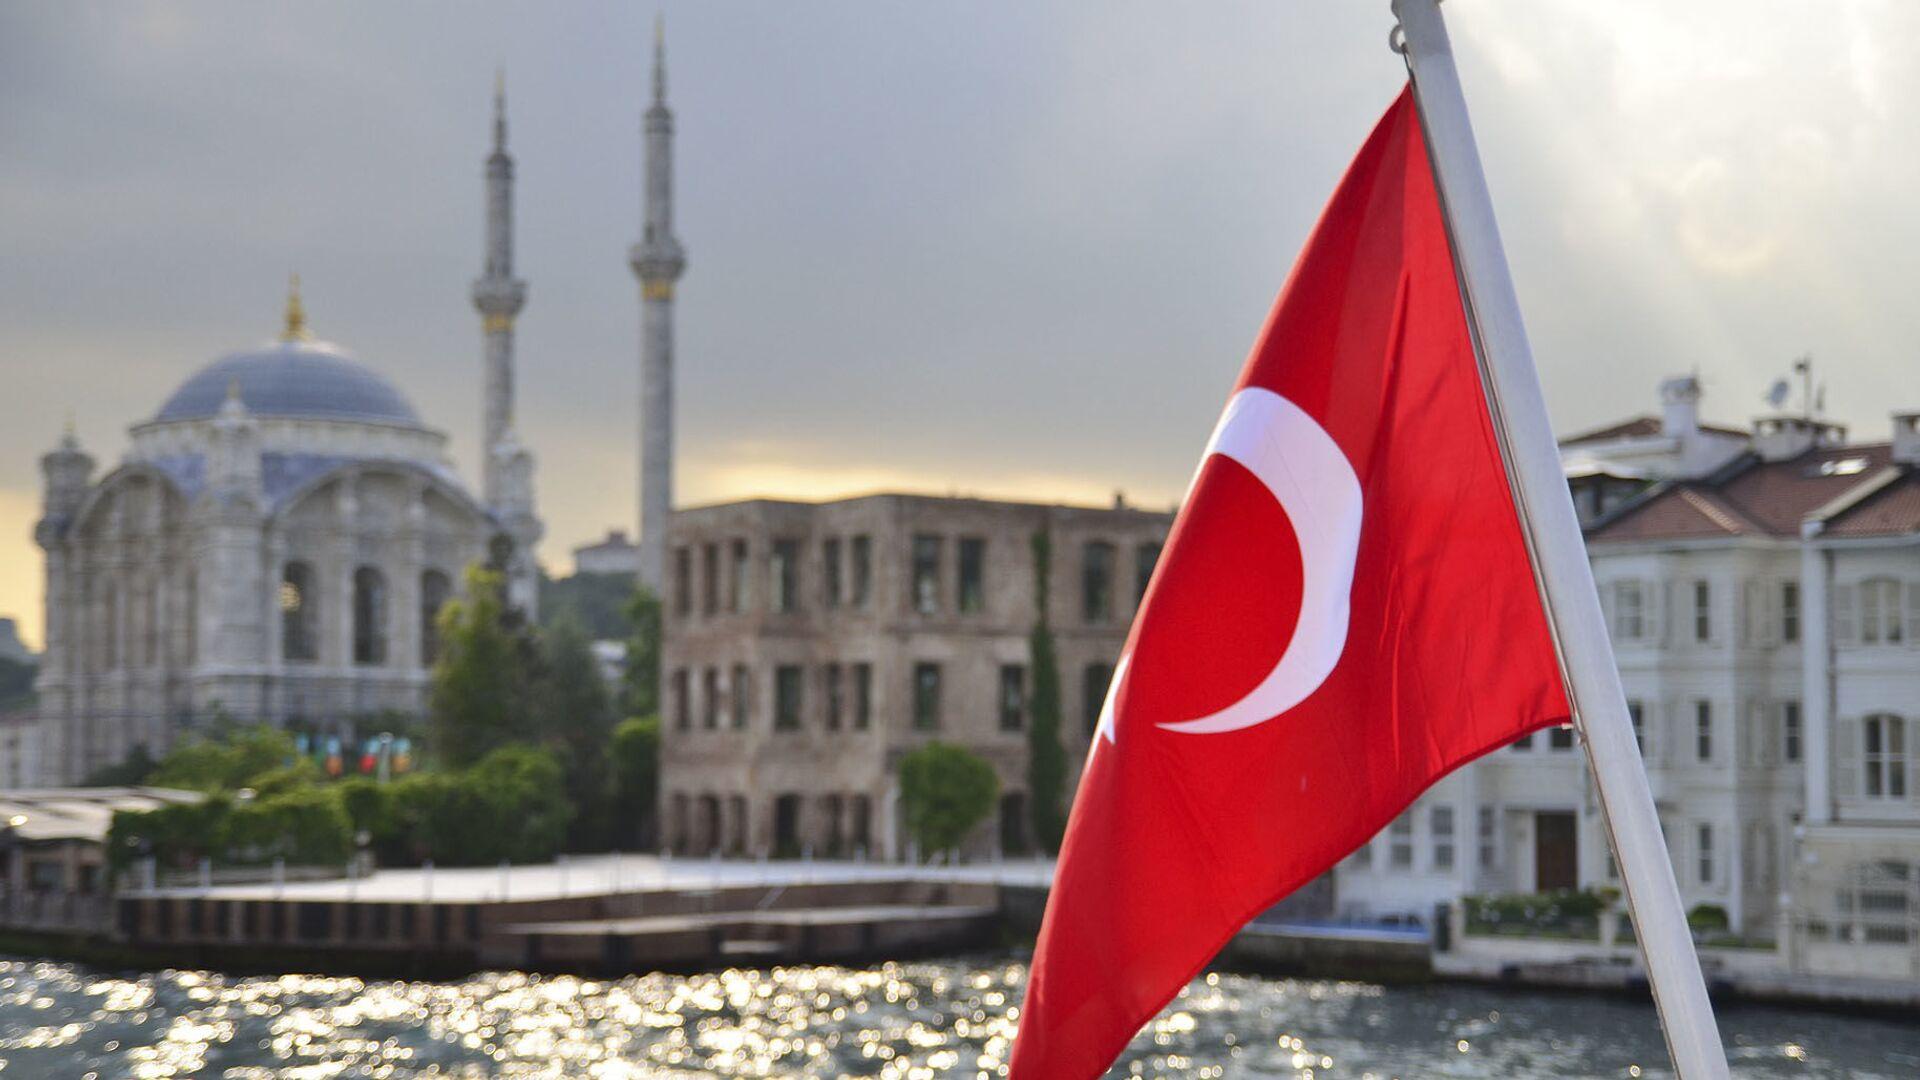 Turecká vlajka na pozadí Istanbulu - Sputnik Česká republika, 1920, 25.04.2021